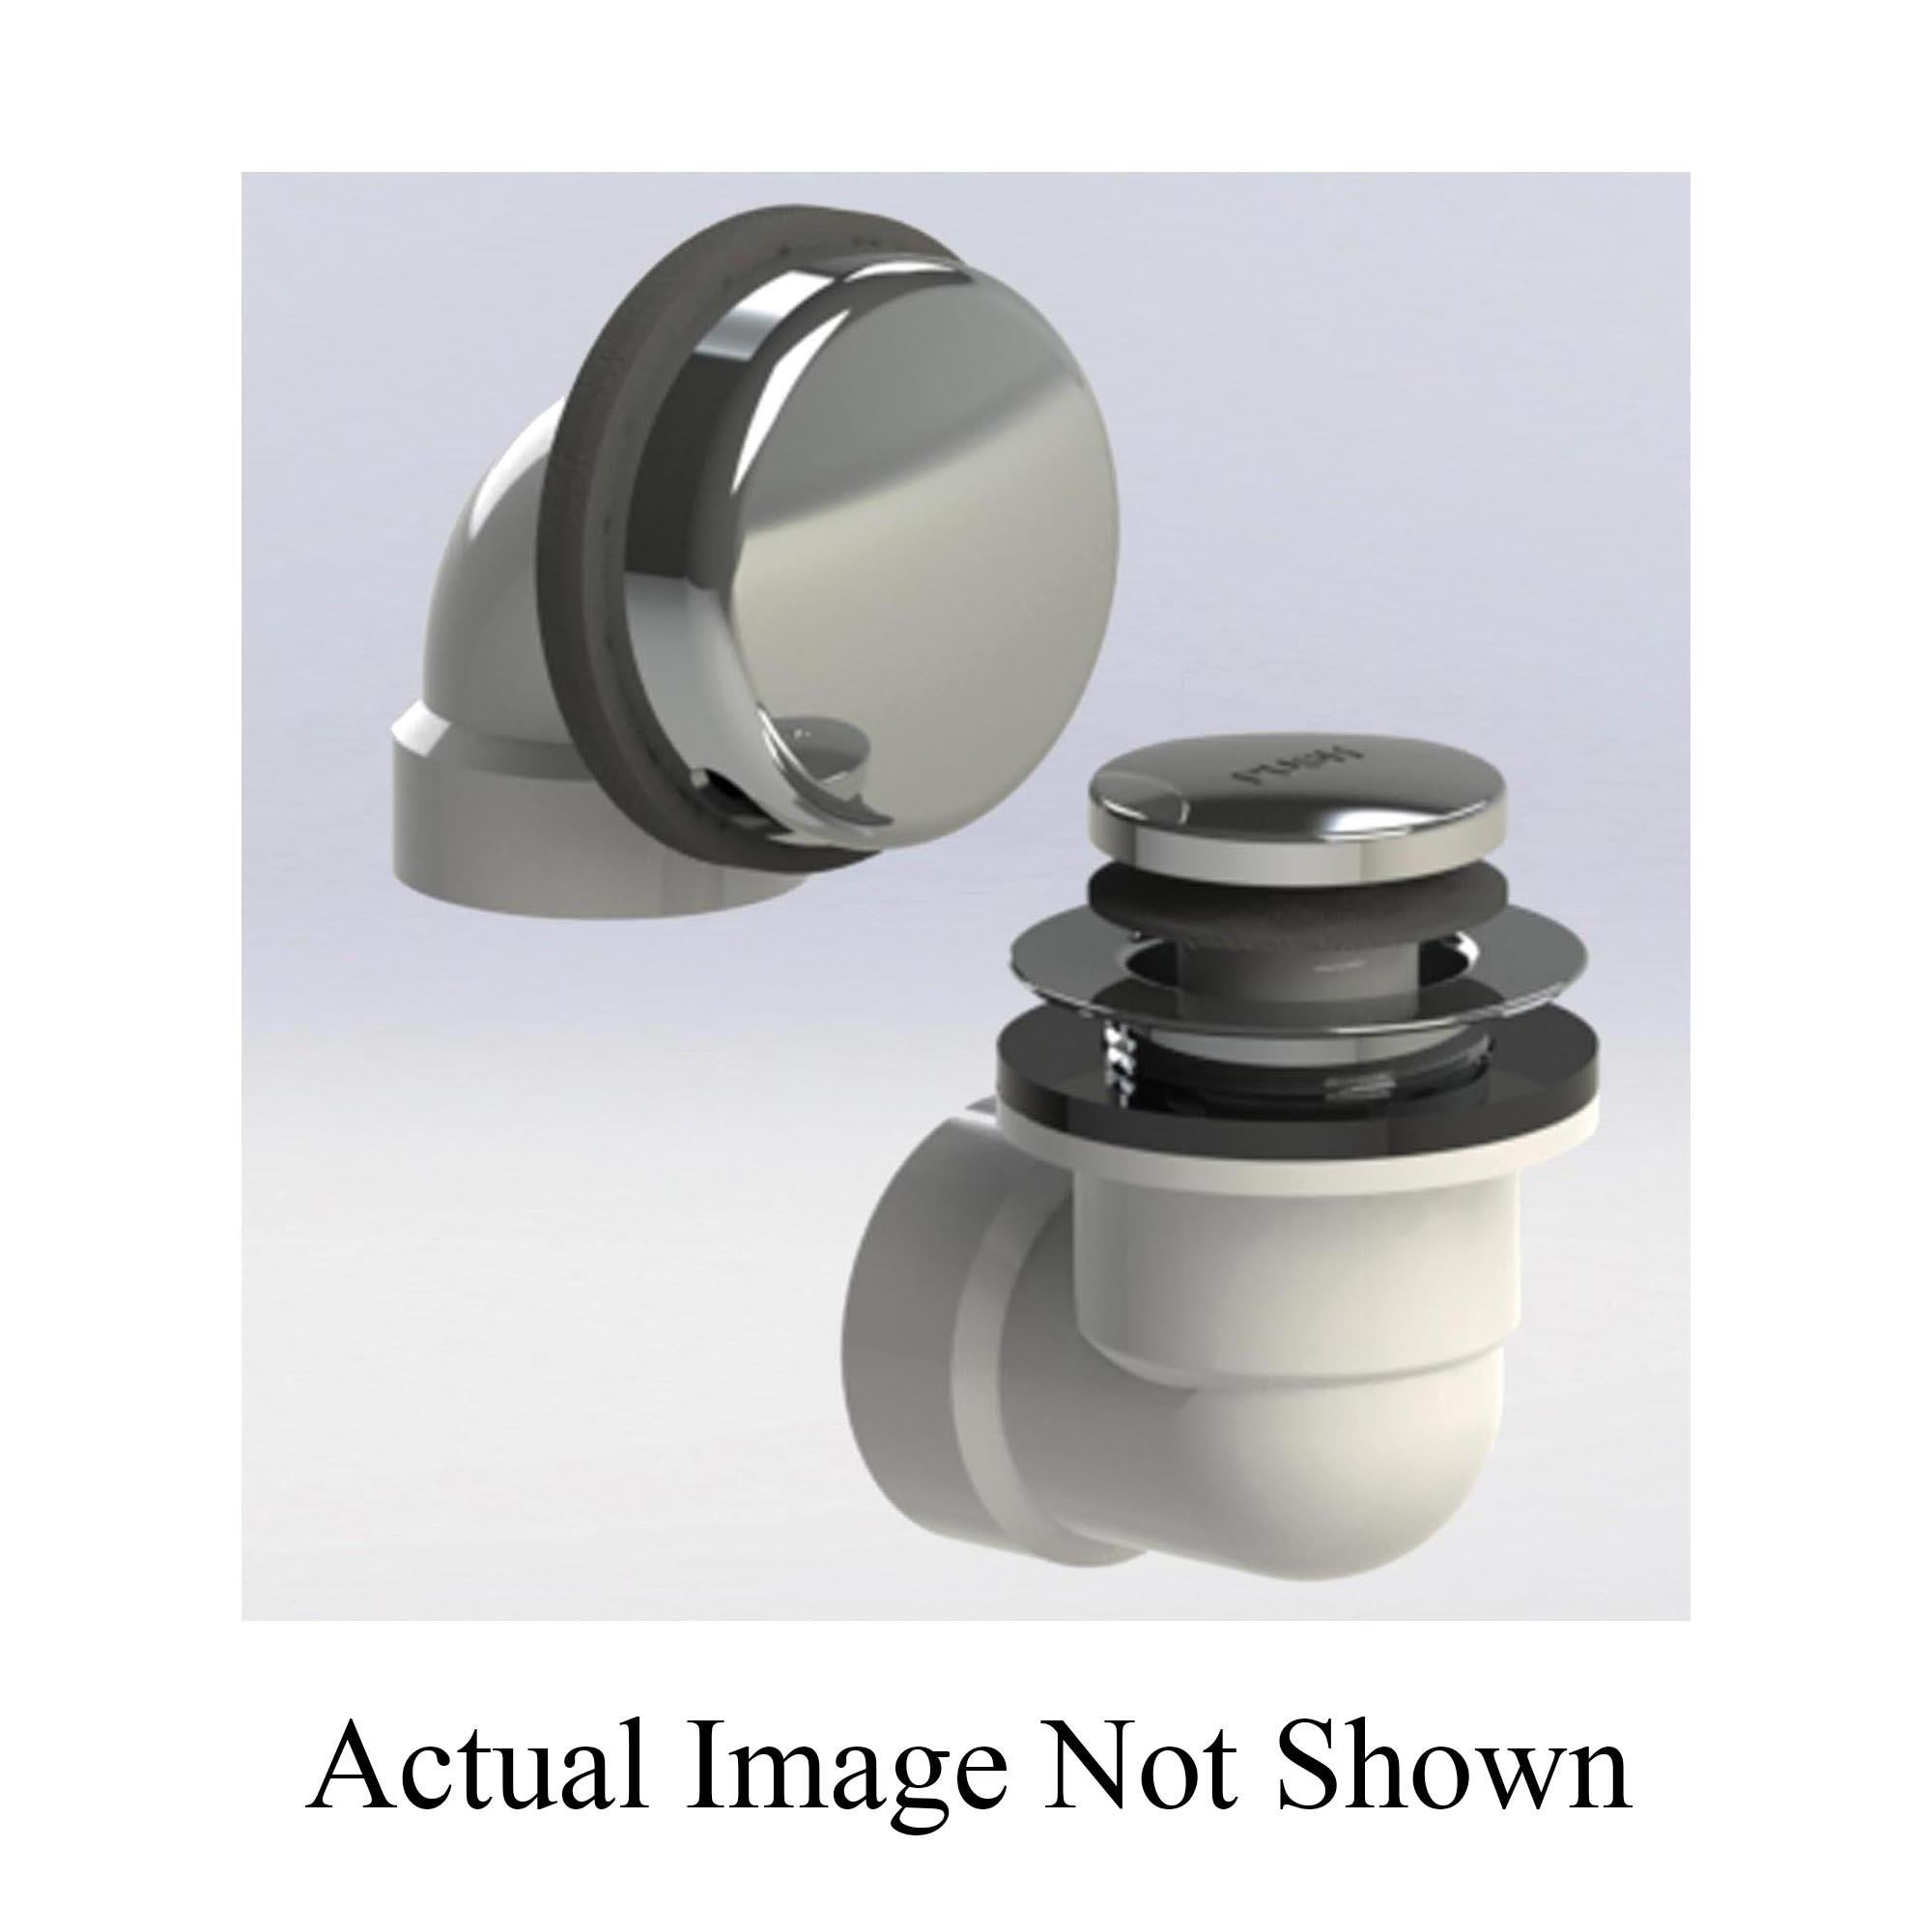 Watco® Innovator® 901 Solvent Weld Bath Waste Half Kit, SCH 40/STD ABS